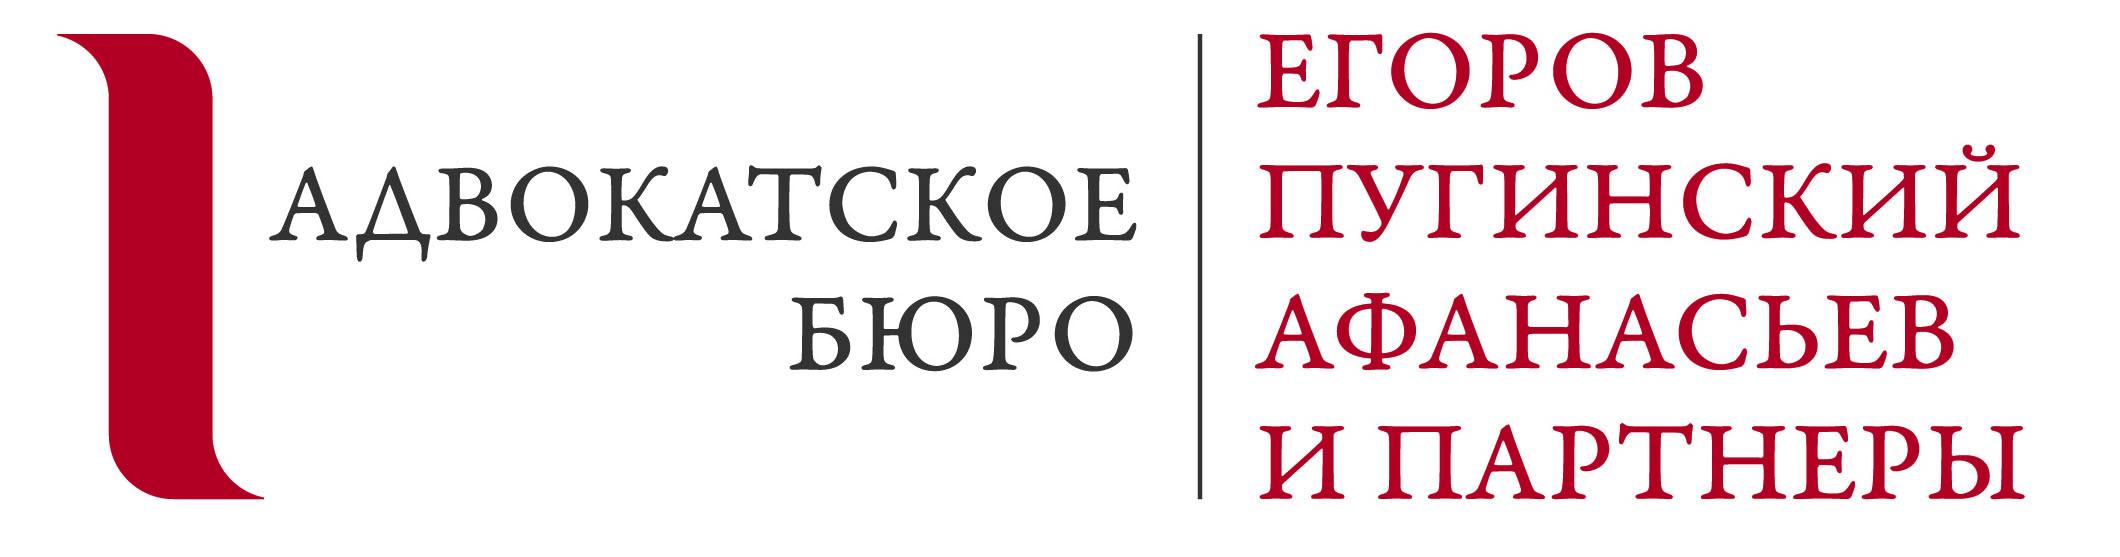 Адвoкатское бюро Егоров, Пугинский, Афанасьев и Партнеры